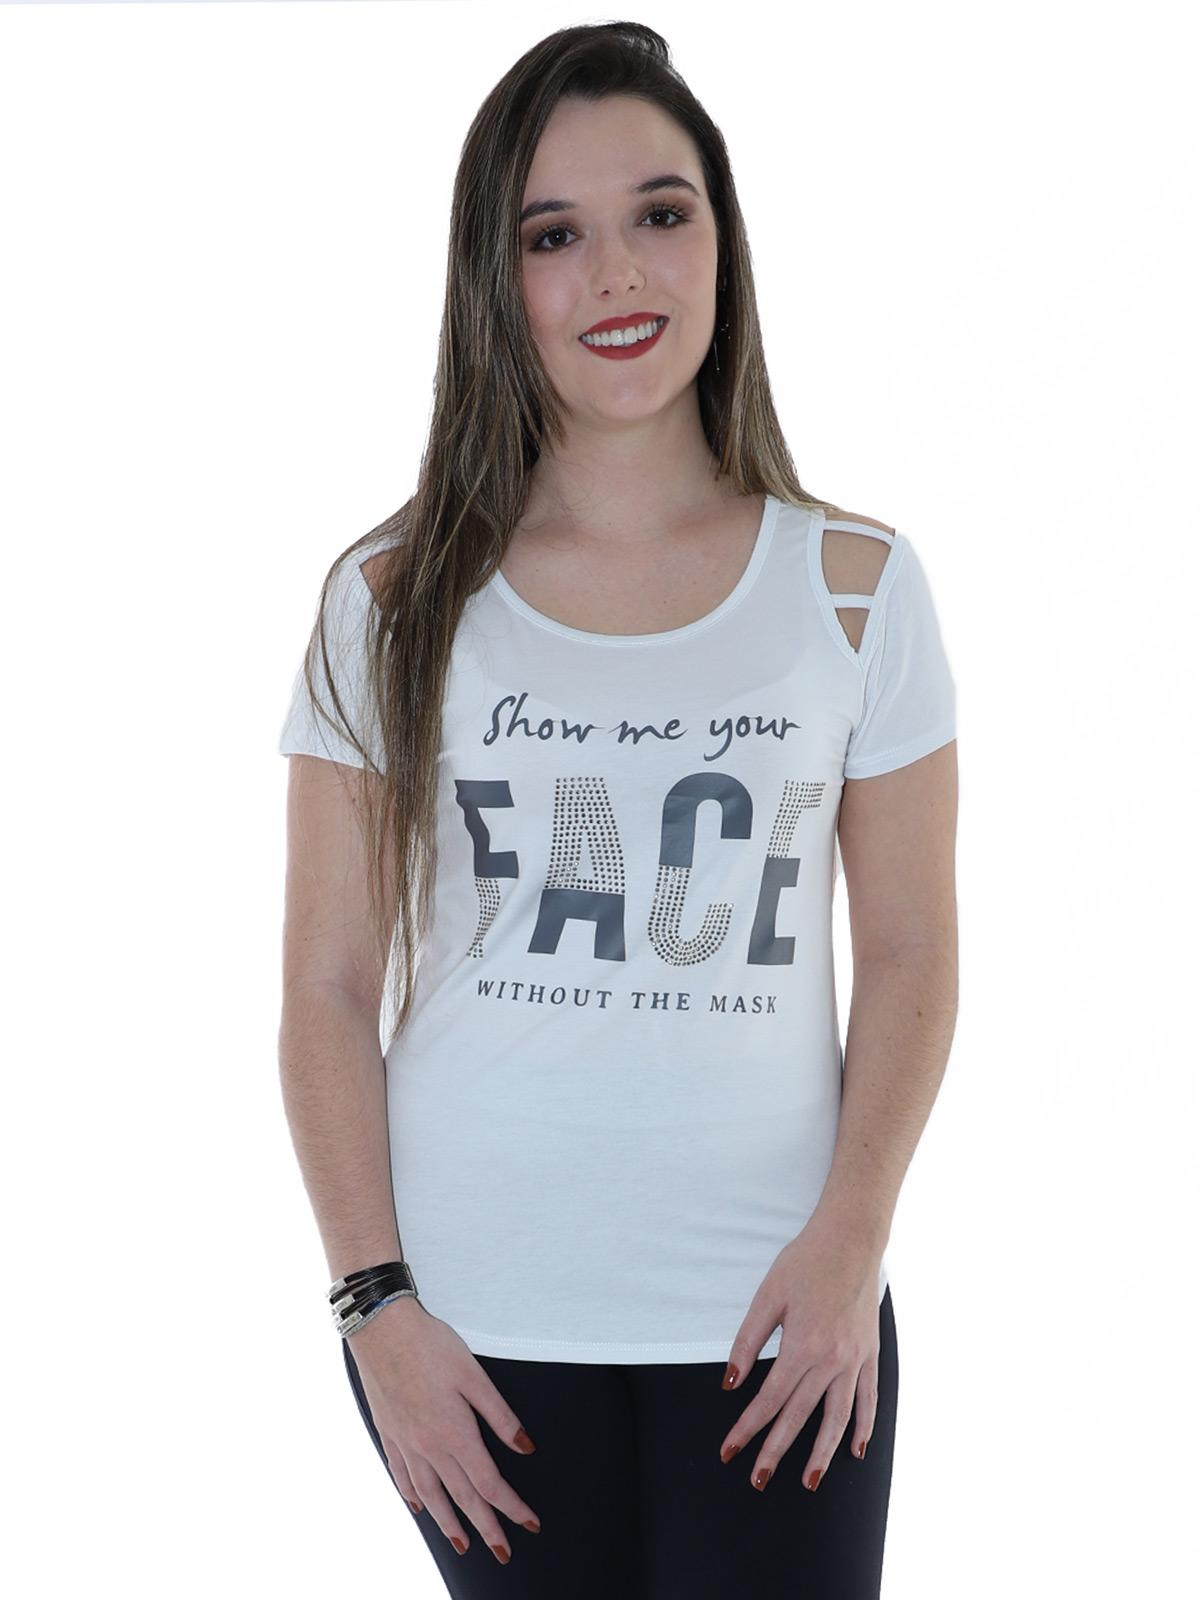 Blusa Feminina Longuete Ombro Diferenciado Anistia Branca